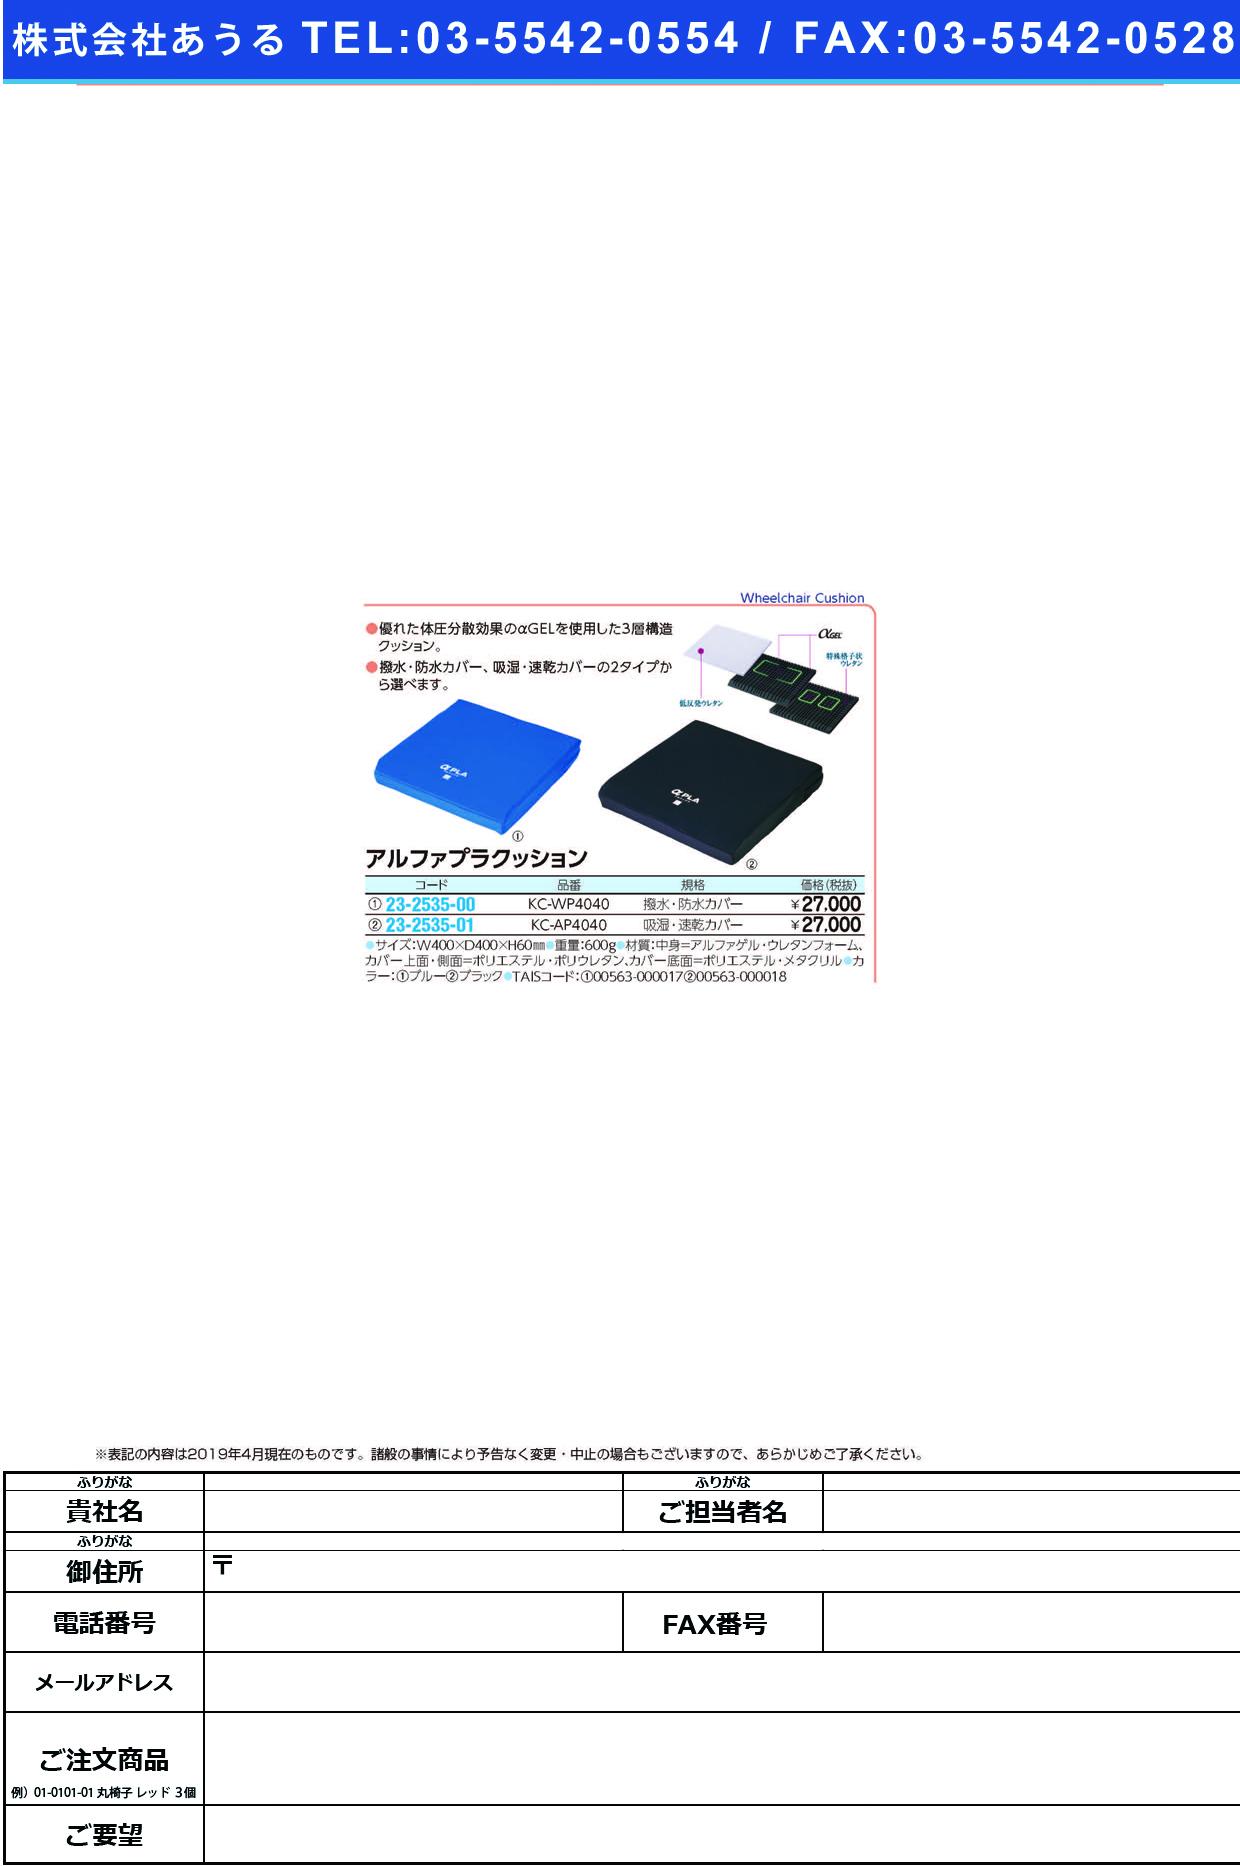 (23-2535-01)アルファプラクッション(吸湿・速乾) KC-AP4040(40X40X6CM) アルファプラクッションキュウシツソッカ(タイカ)【1個単位】【2019年カタログ商品】